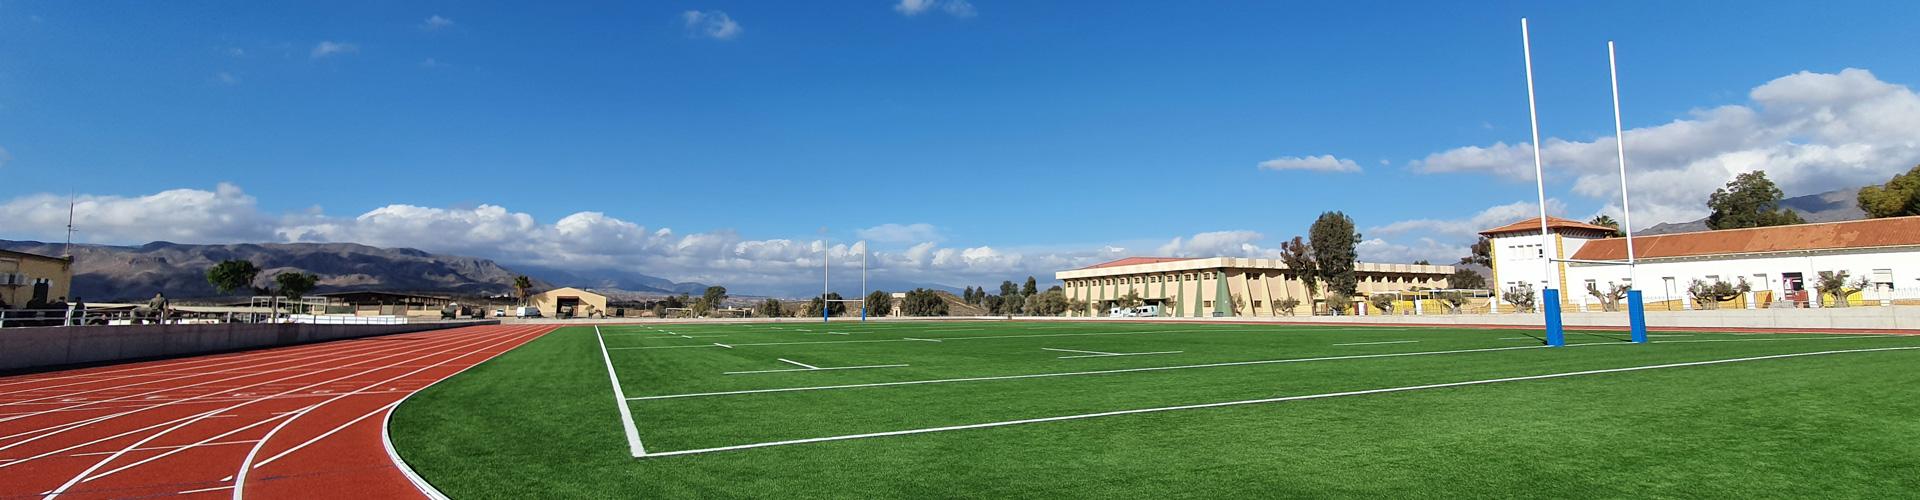 Césped artificial rugby Viator Almería